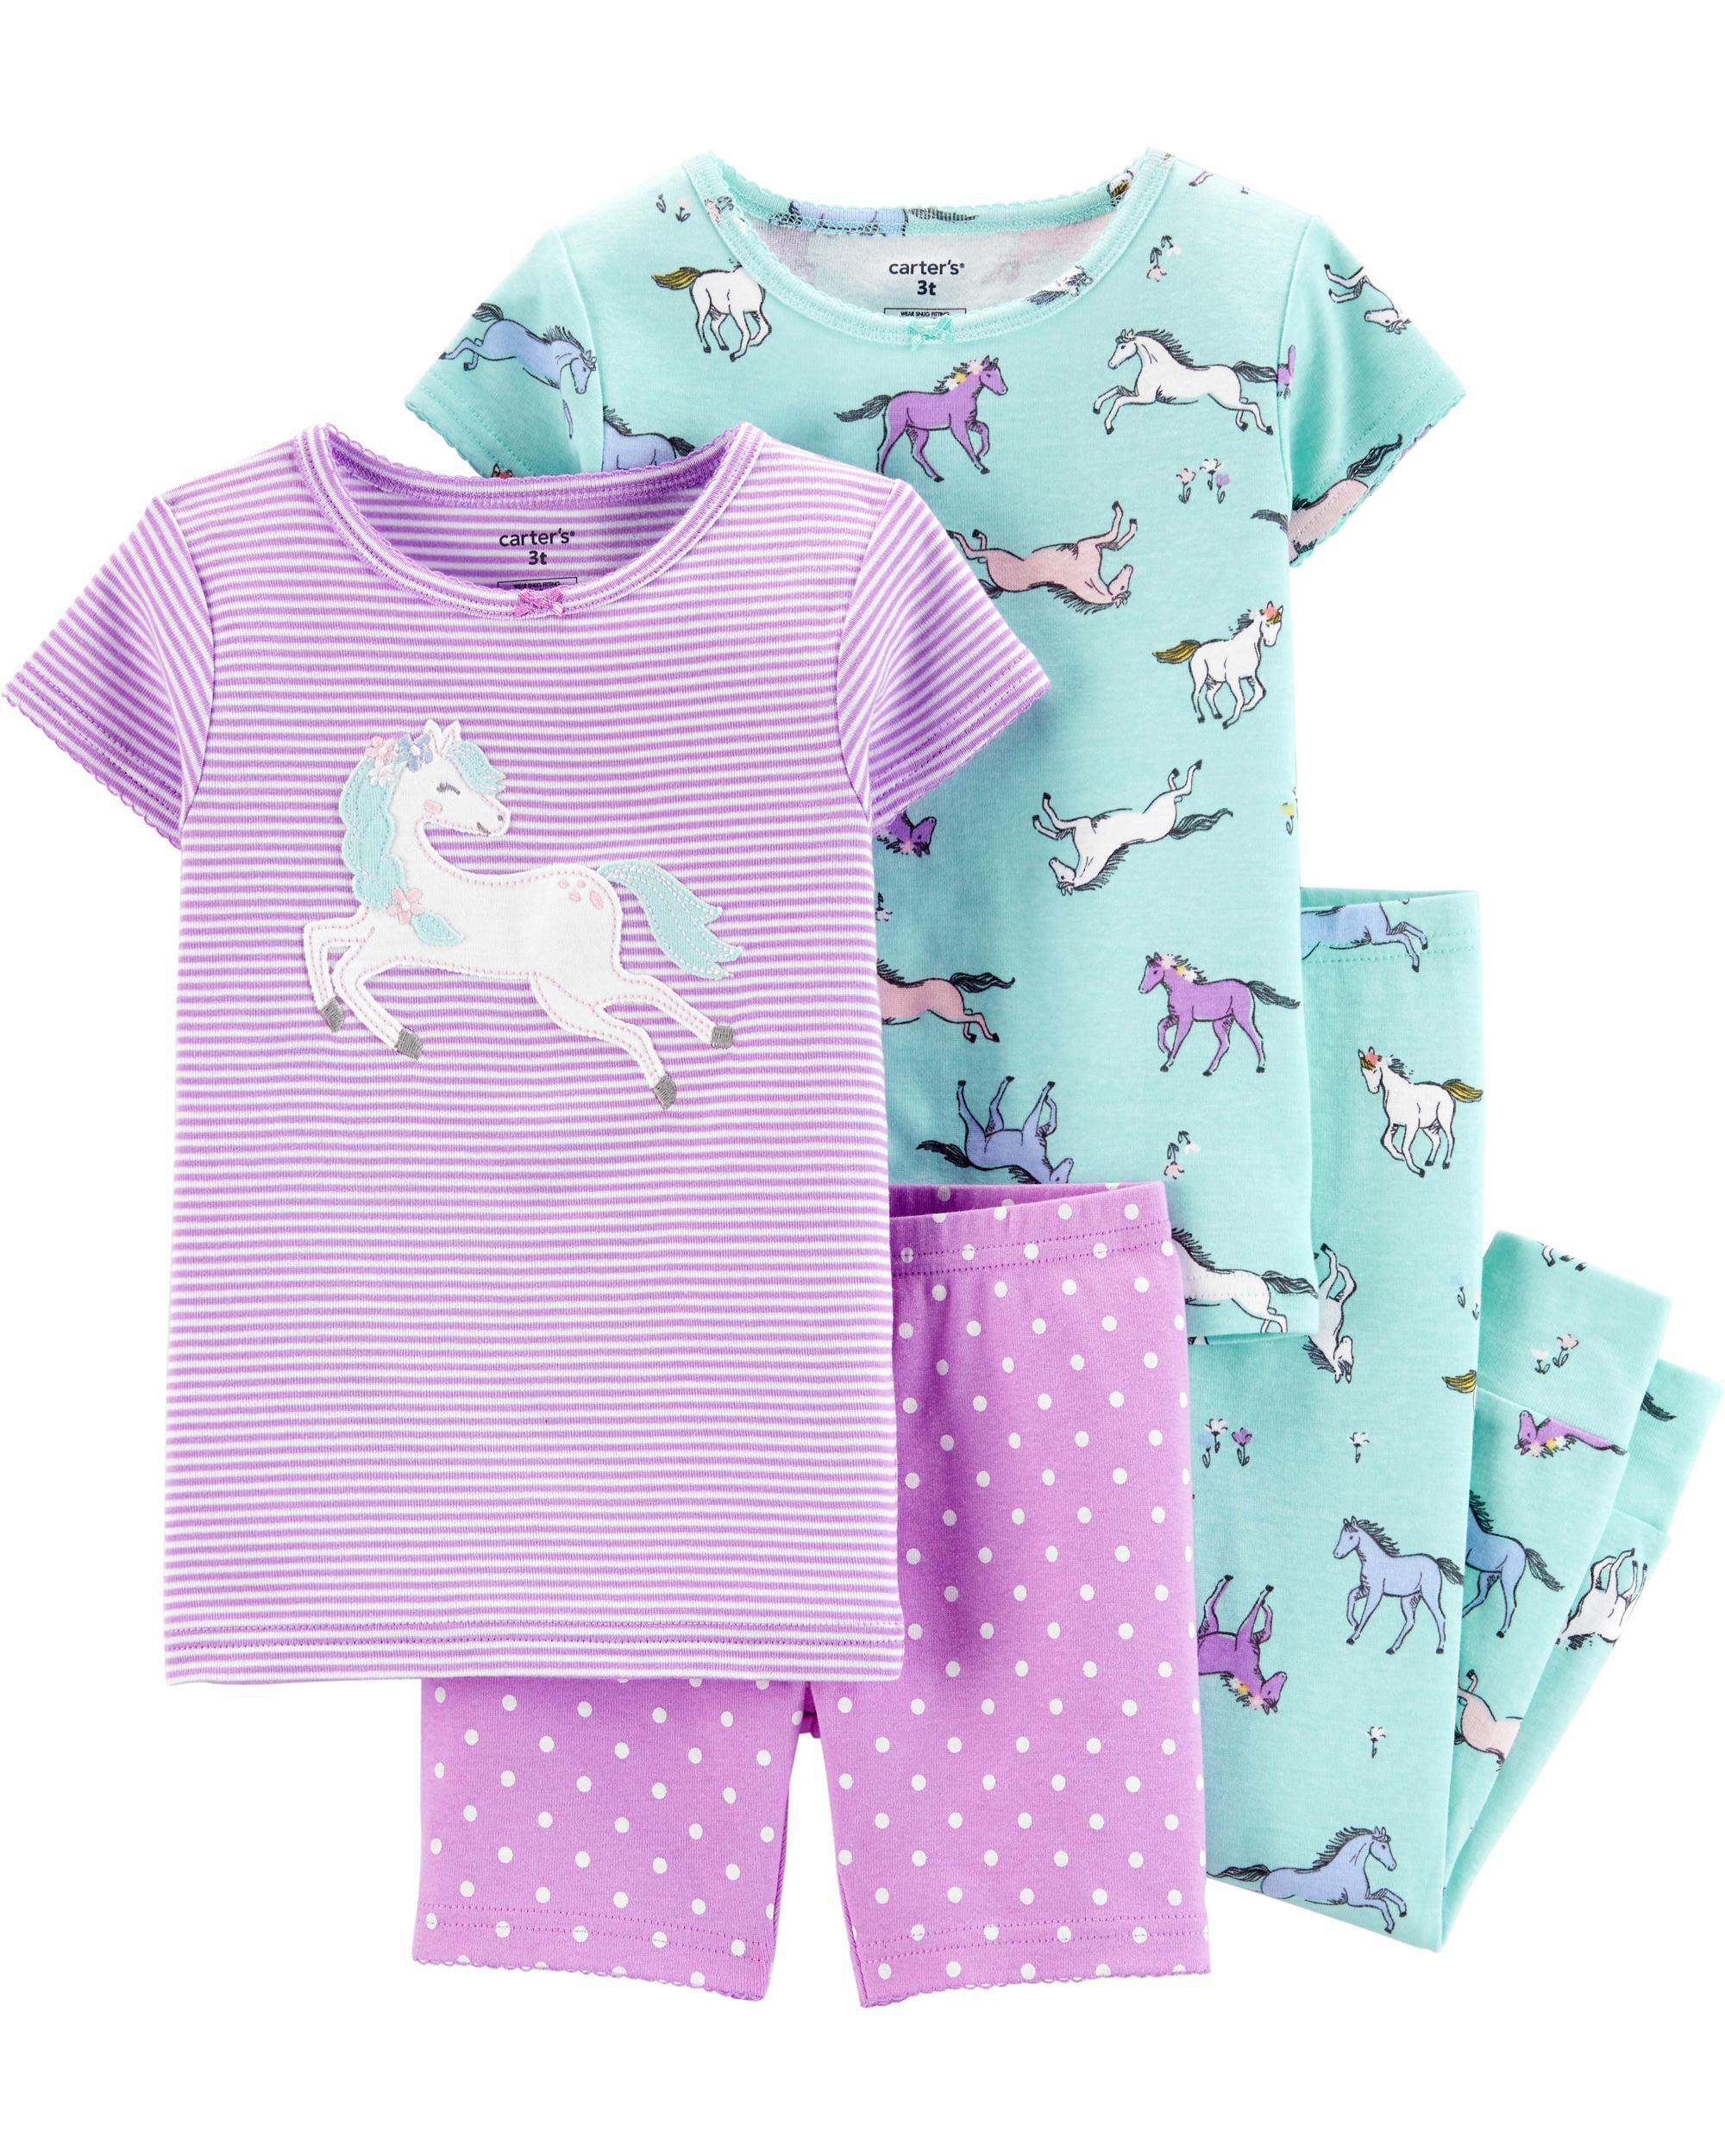 New $34 Girl/'s Toddler 6M or 18M Carter/'s 4-Piece Princess Pajama Set